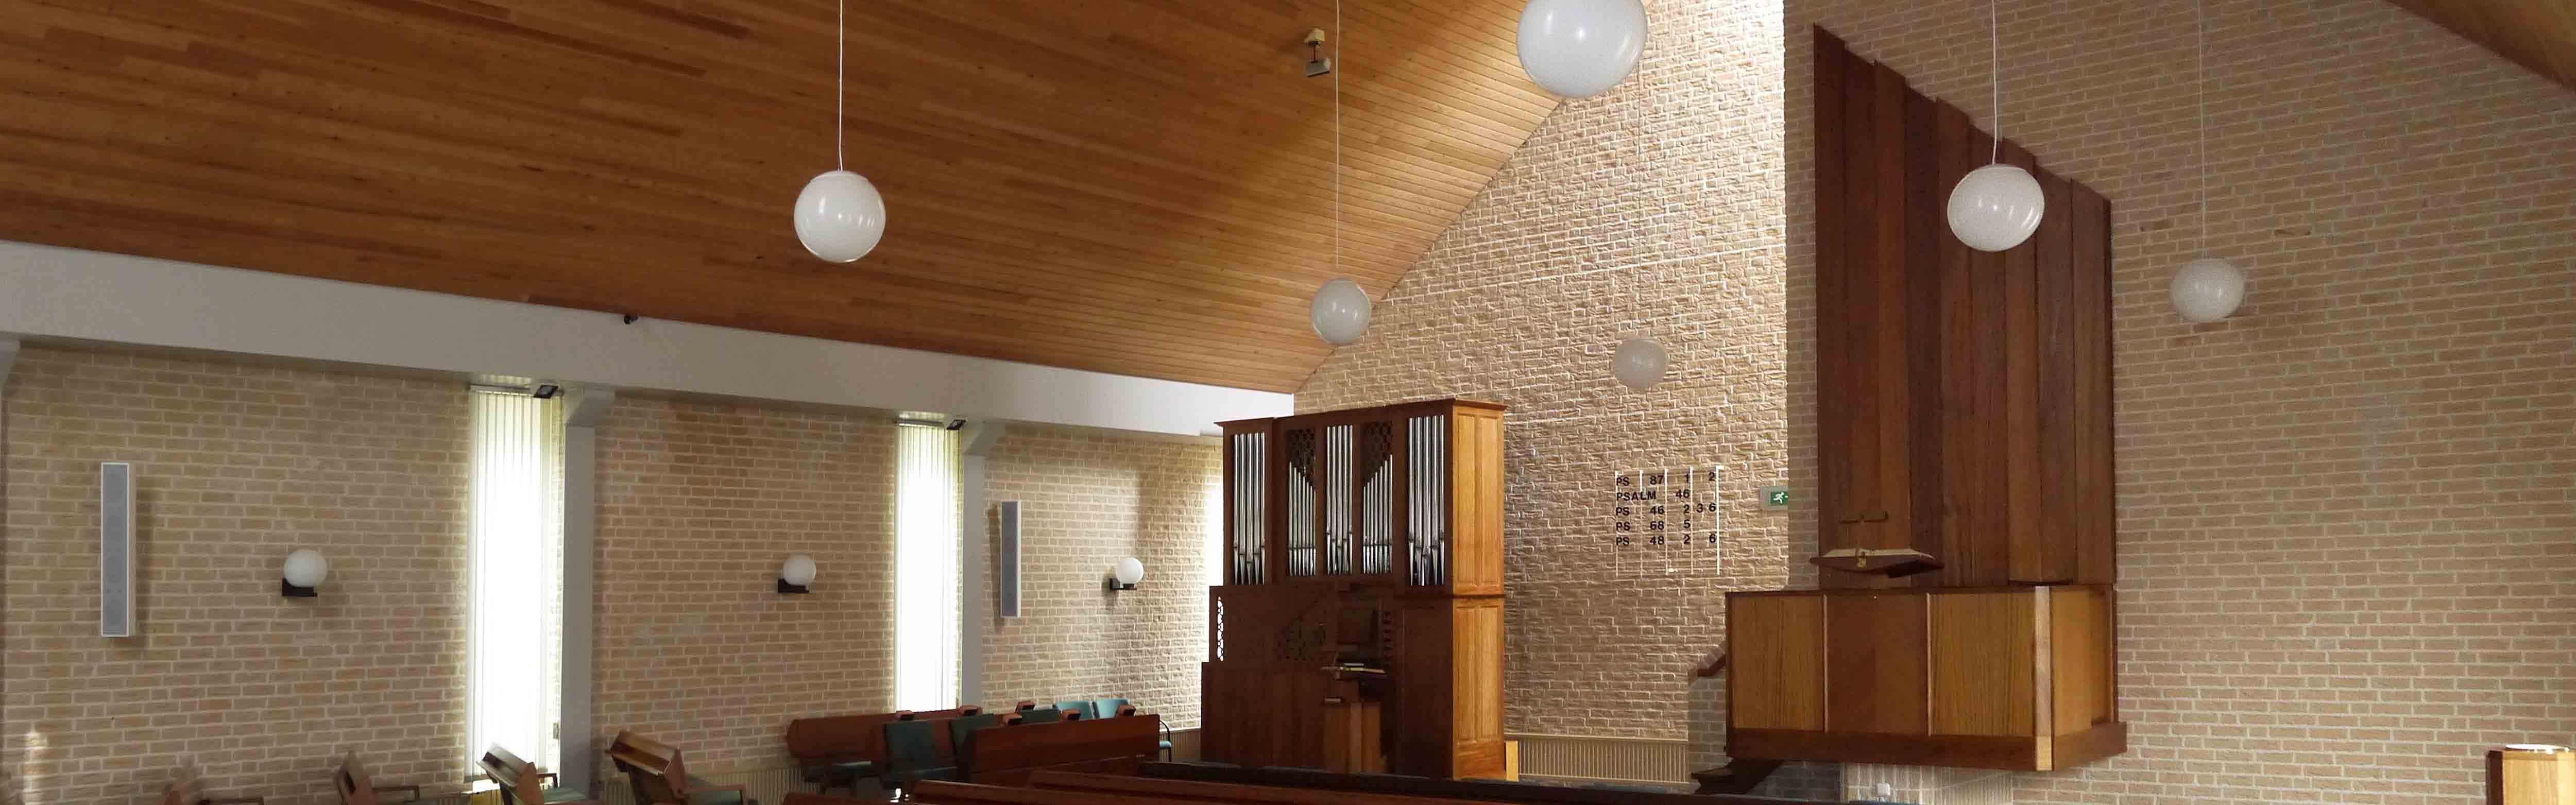 gereformeerde kerk zwolle